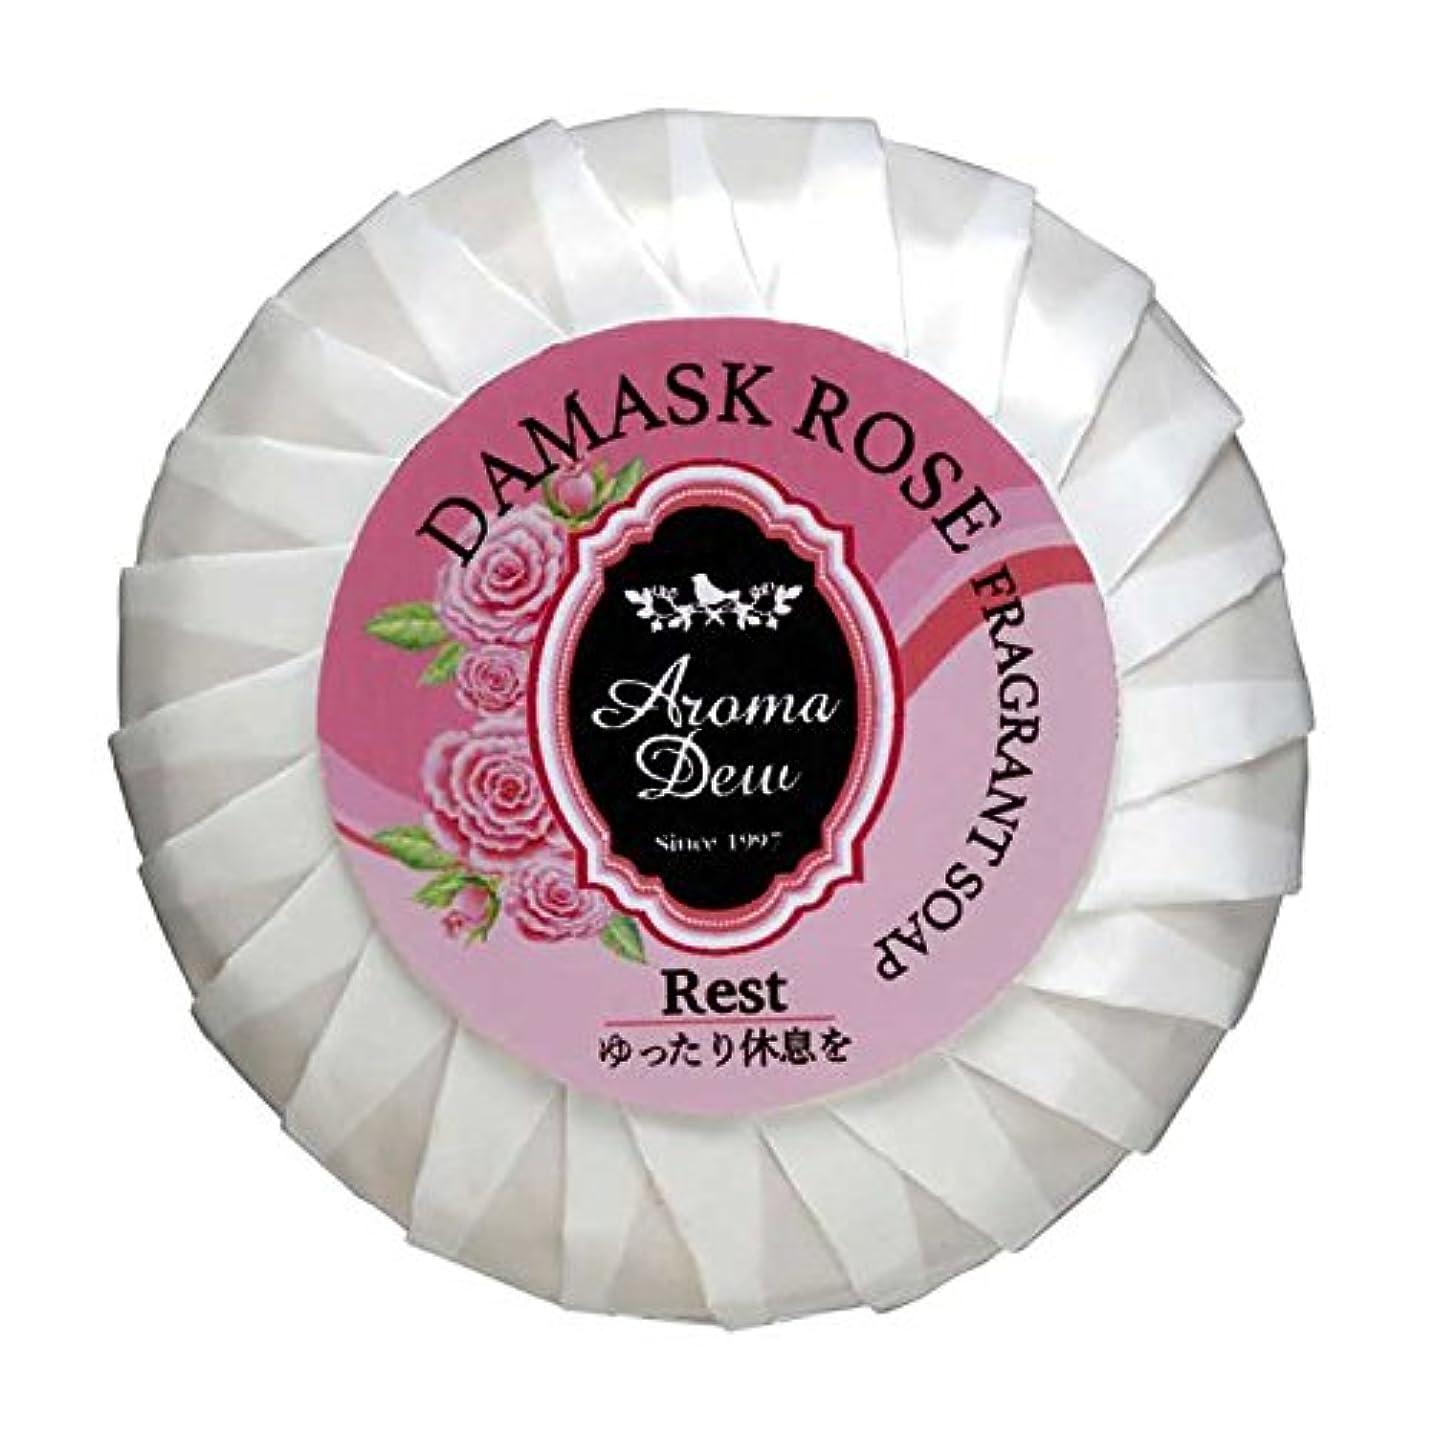 ジェーンオースティンパテレモンアロマデュウ フレグラントソープ ダマスクローズの香り 100g